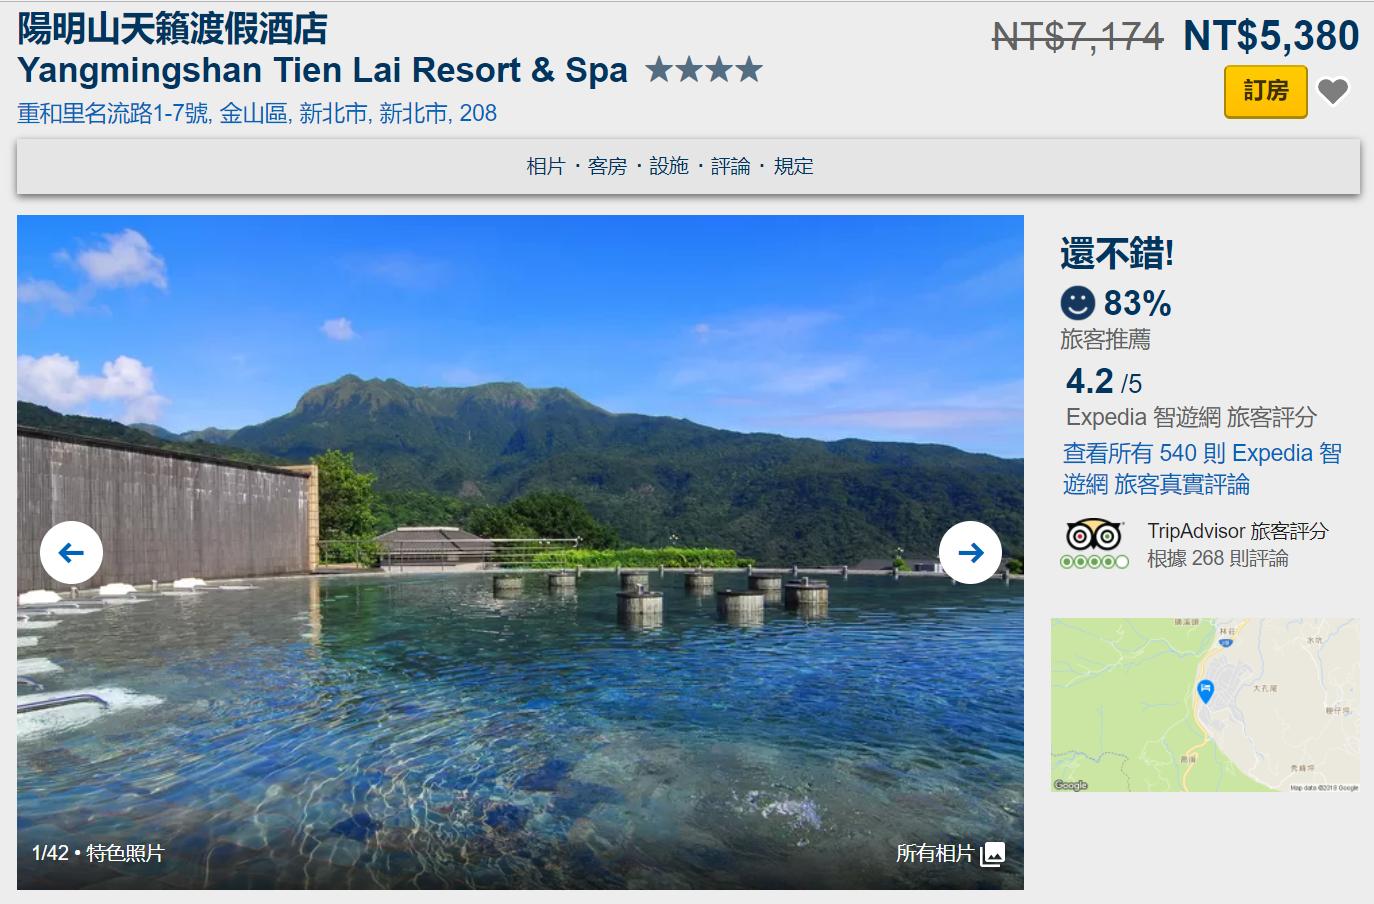 台北、新北溫泉飯店。許願名單與網路評價|Expedia全台溫泉飯店促銷8折起